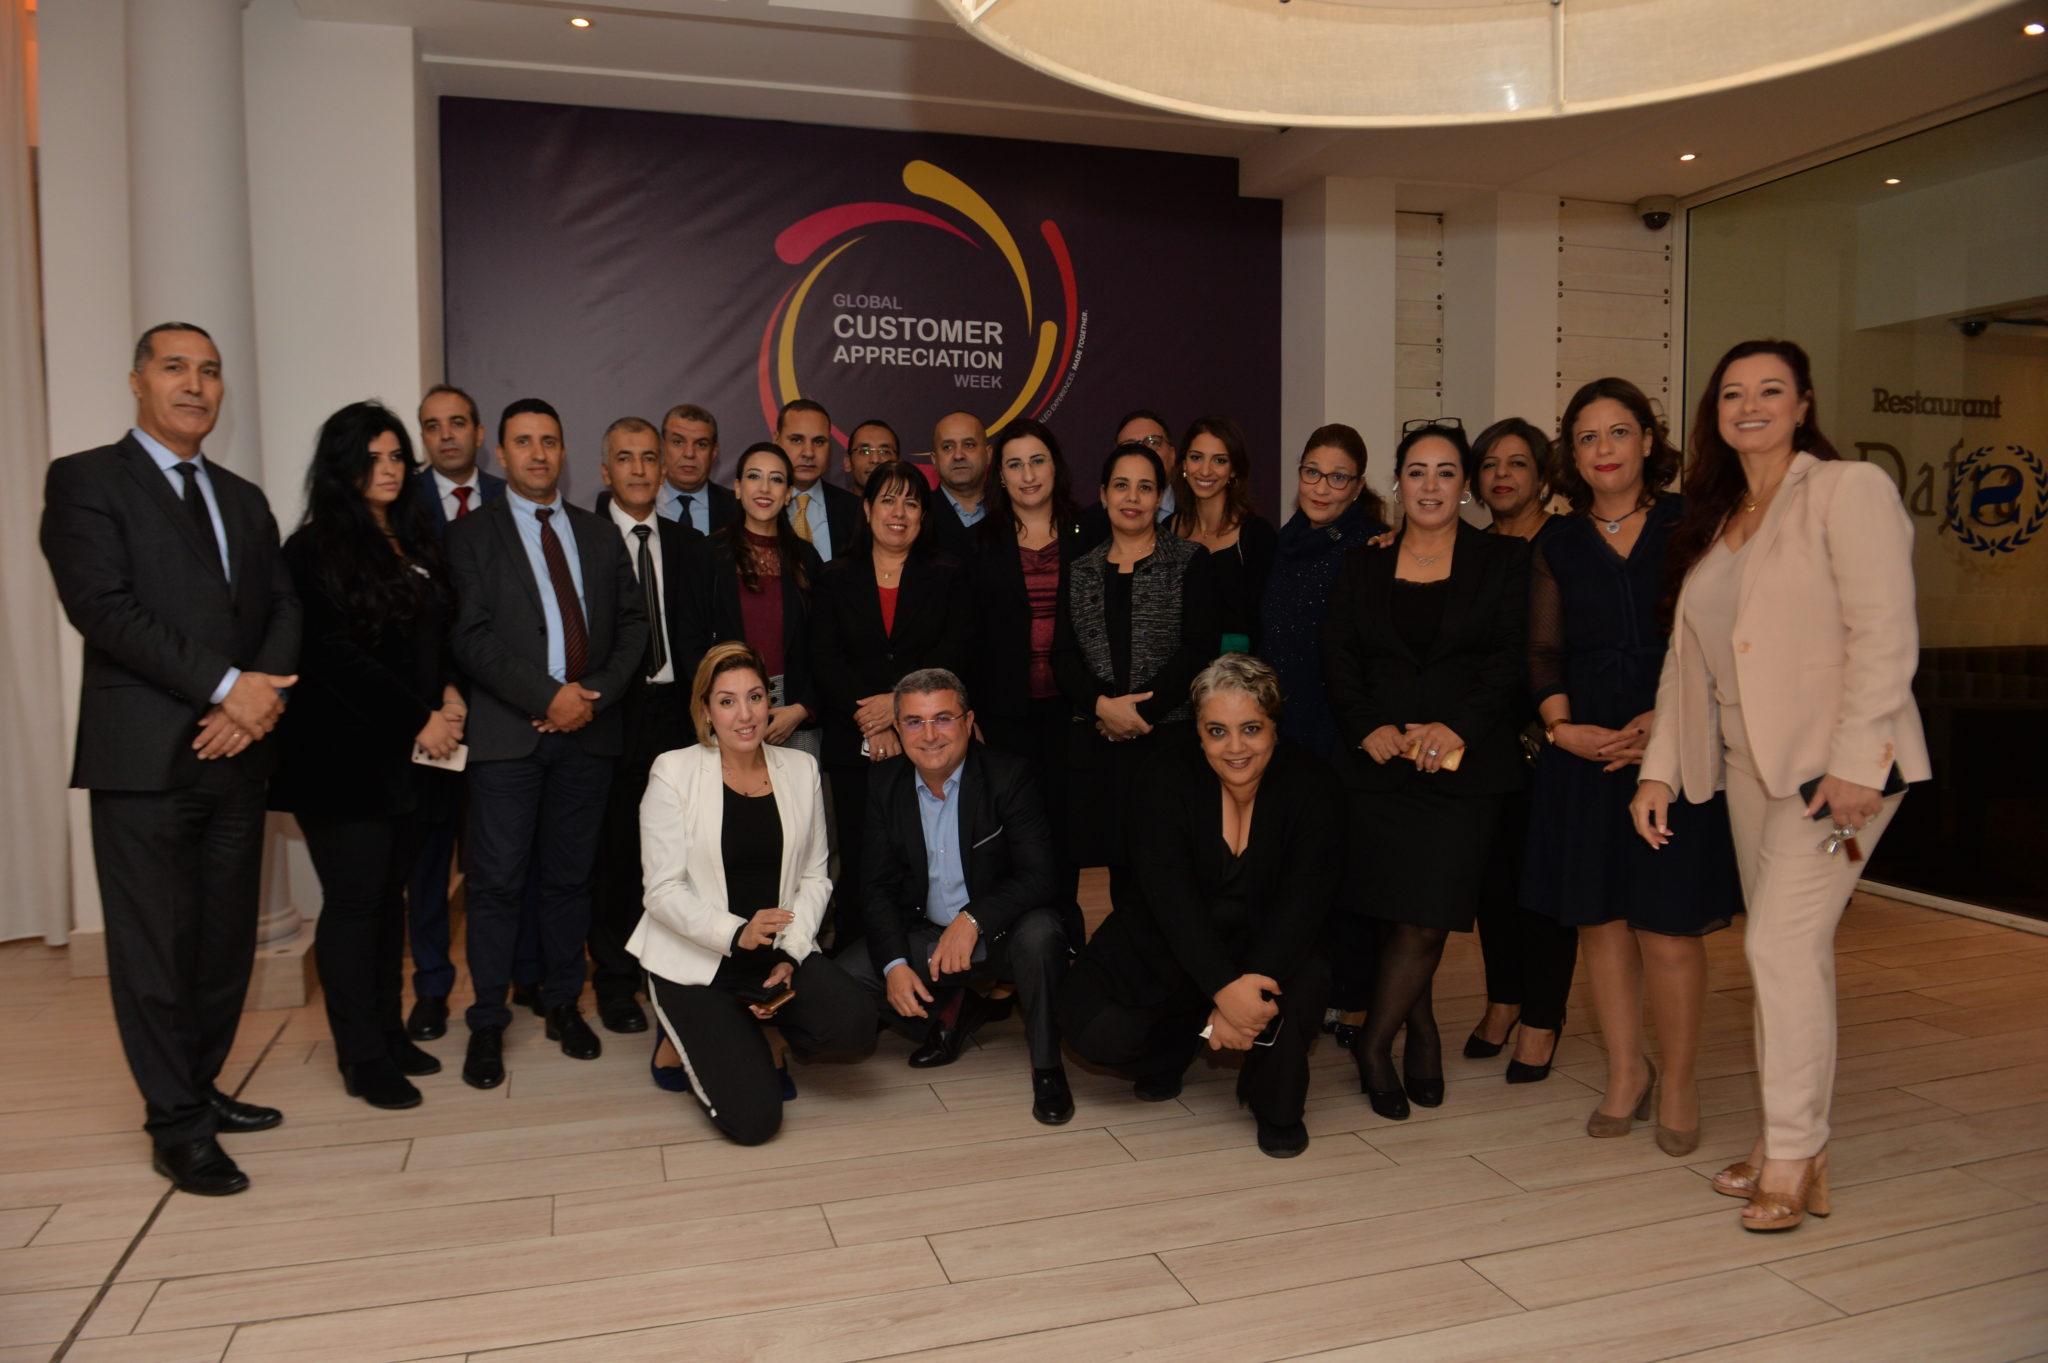 فنادق ماريوت المغرب تحتفل بالأسبوع العالمي لتقدير الزبناء